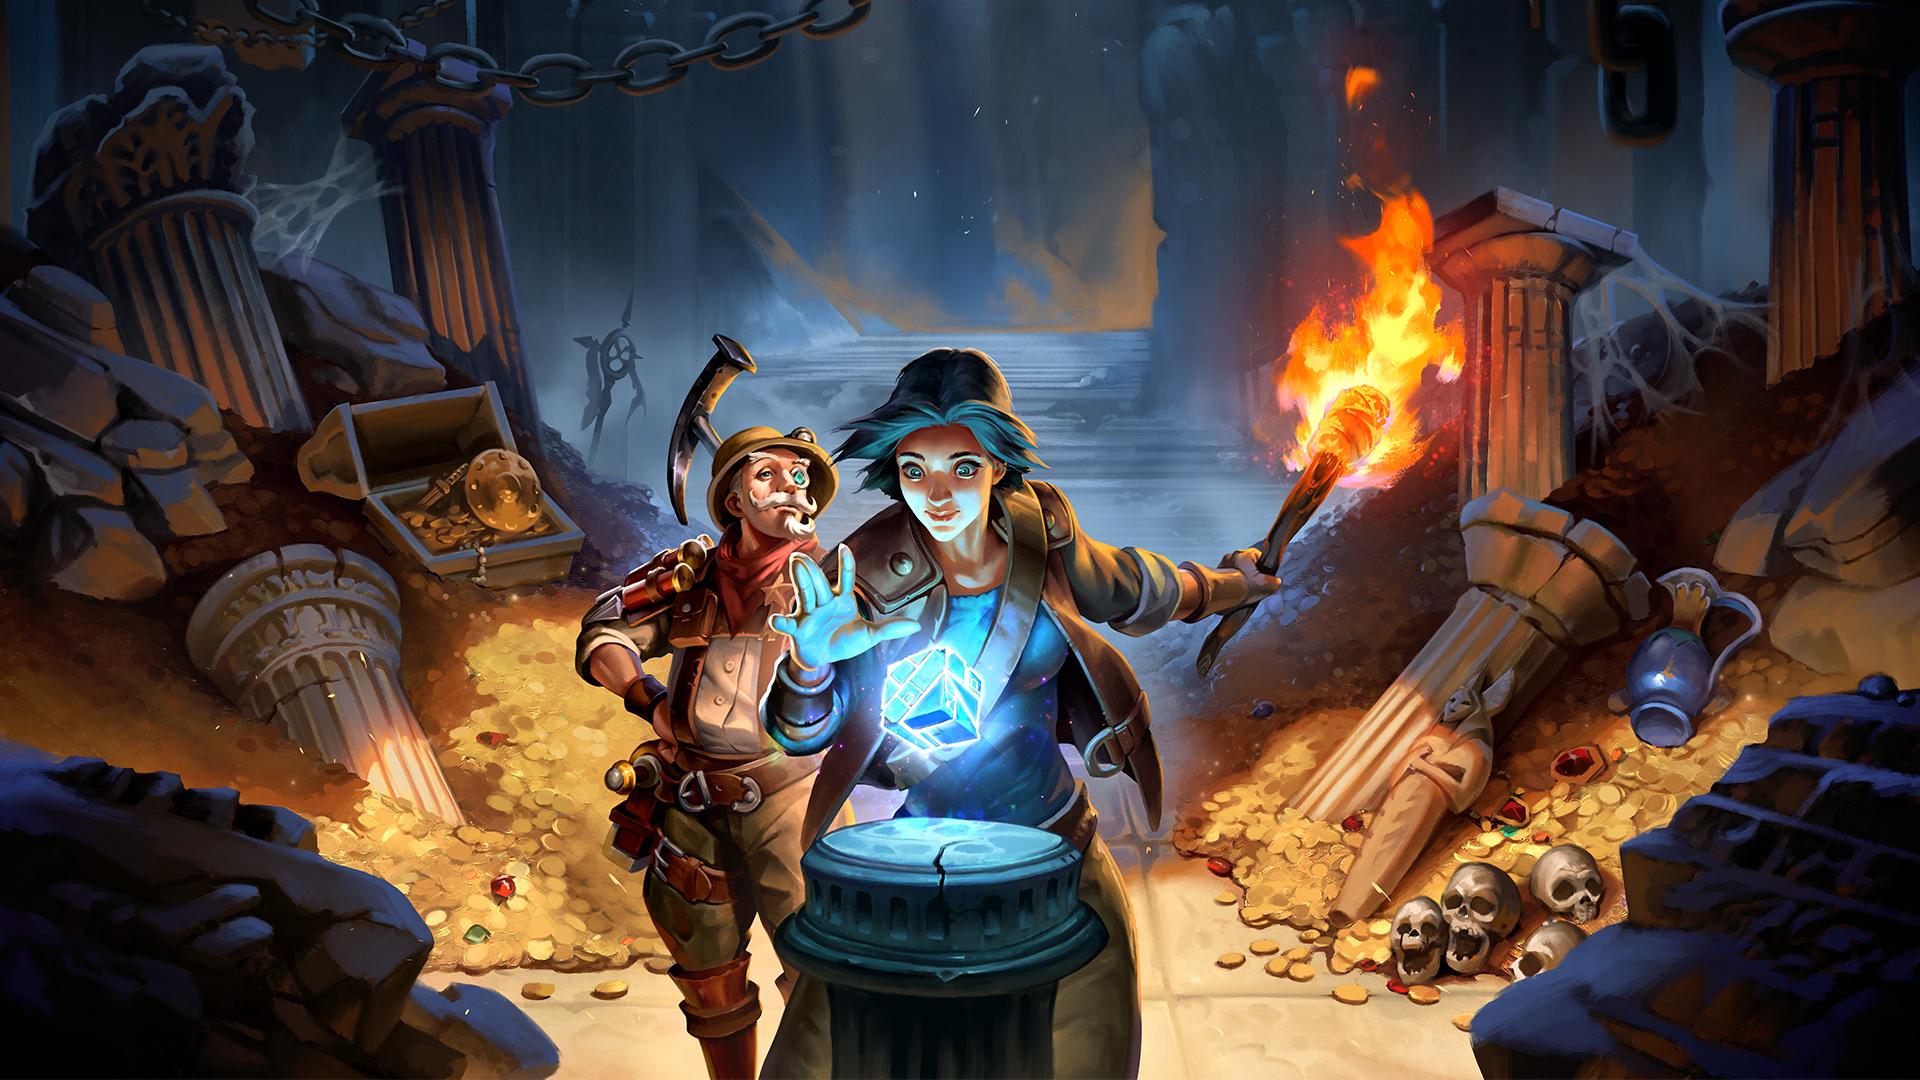 Mafia-Gilde in MMORPG fordert Schutzgeld und zerstört die Wirtschaft